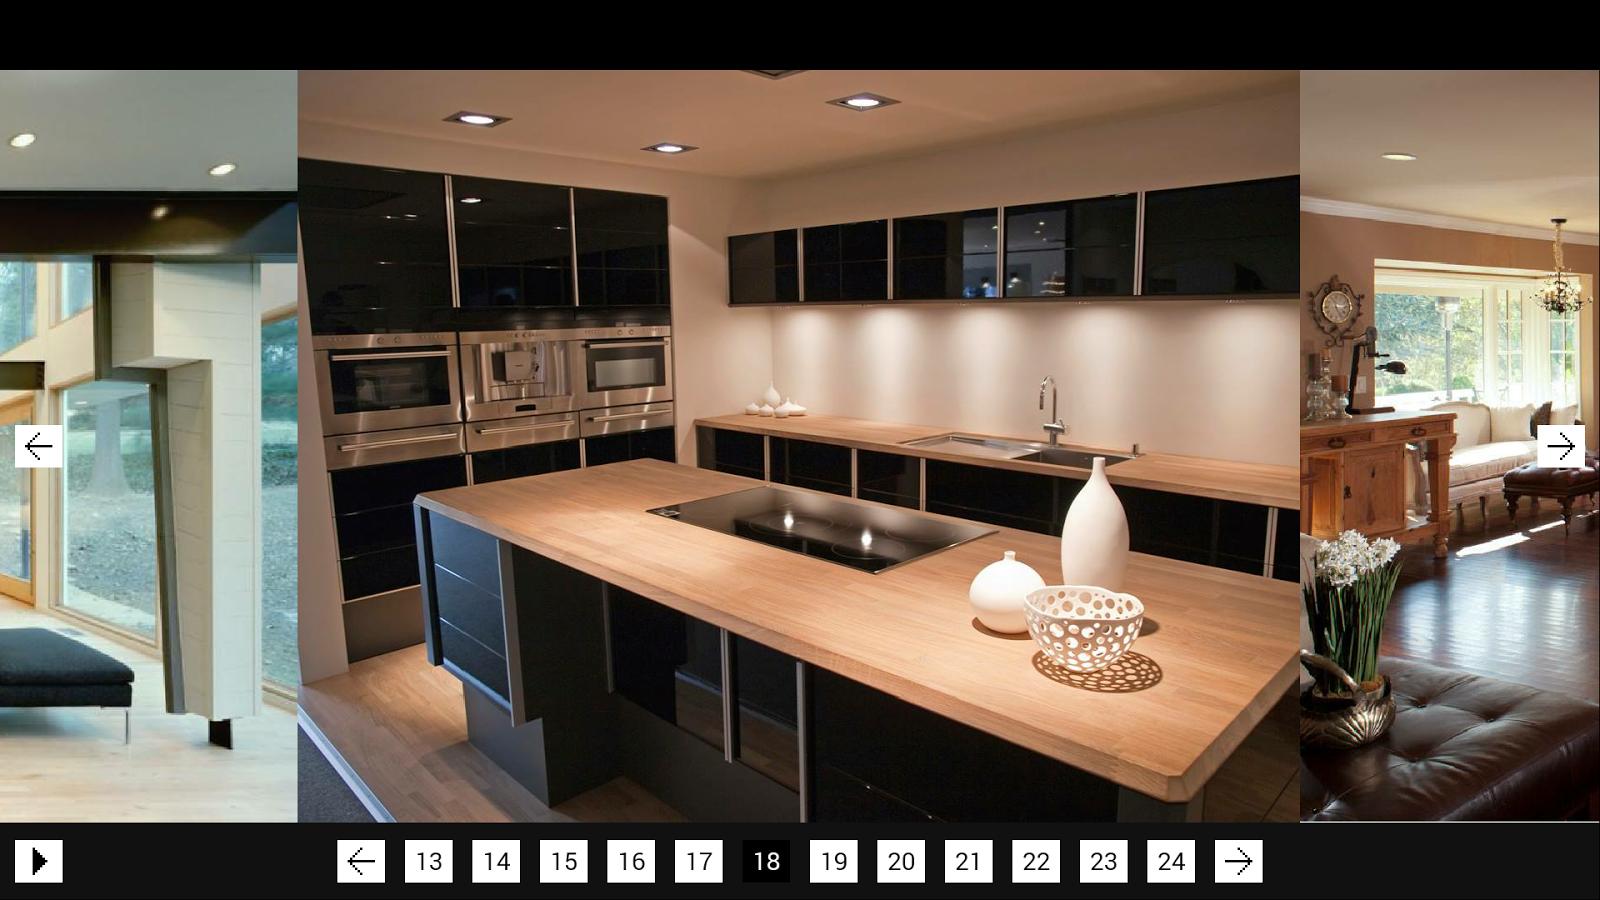 Kjøkken innredning ideer – android apper pÃ¥ google play